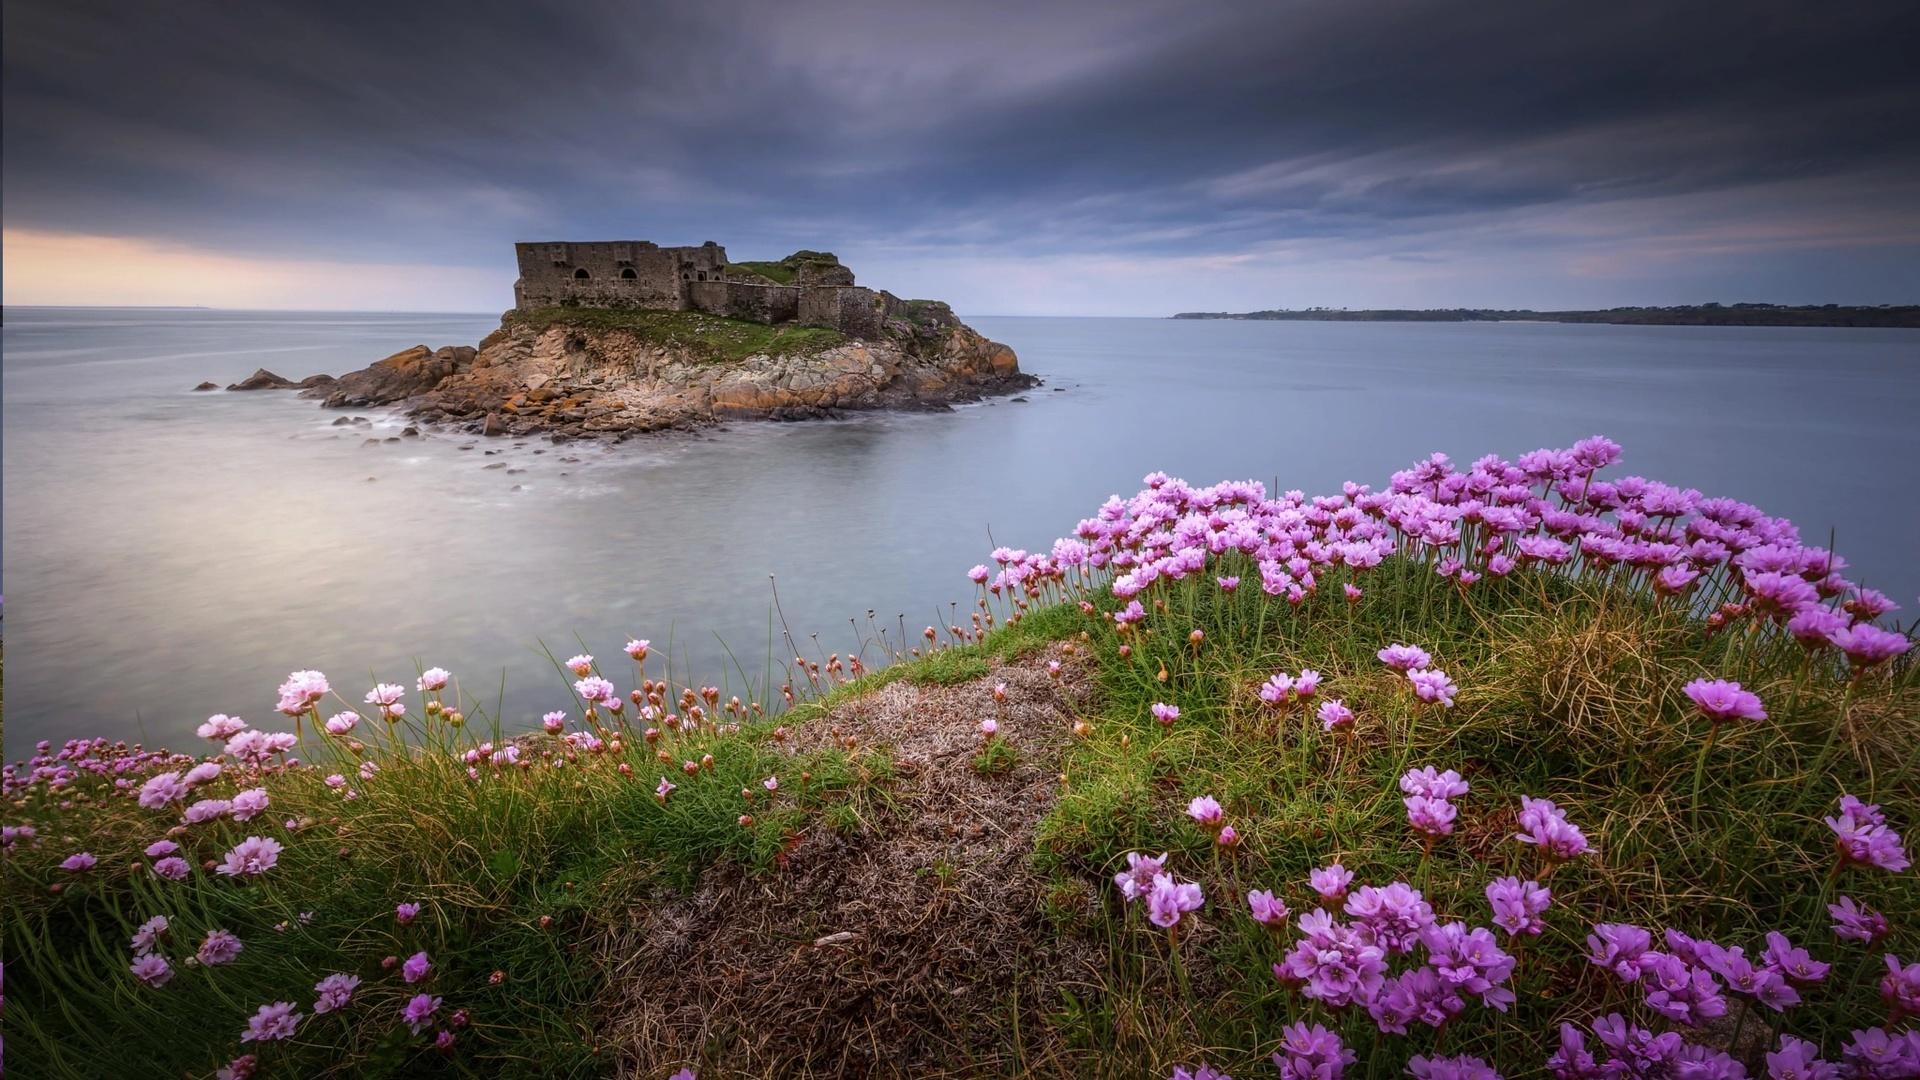 природа, пейзаж, море, островок, скалы, развалины, берег, цветы